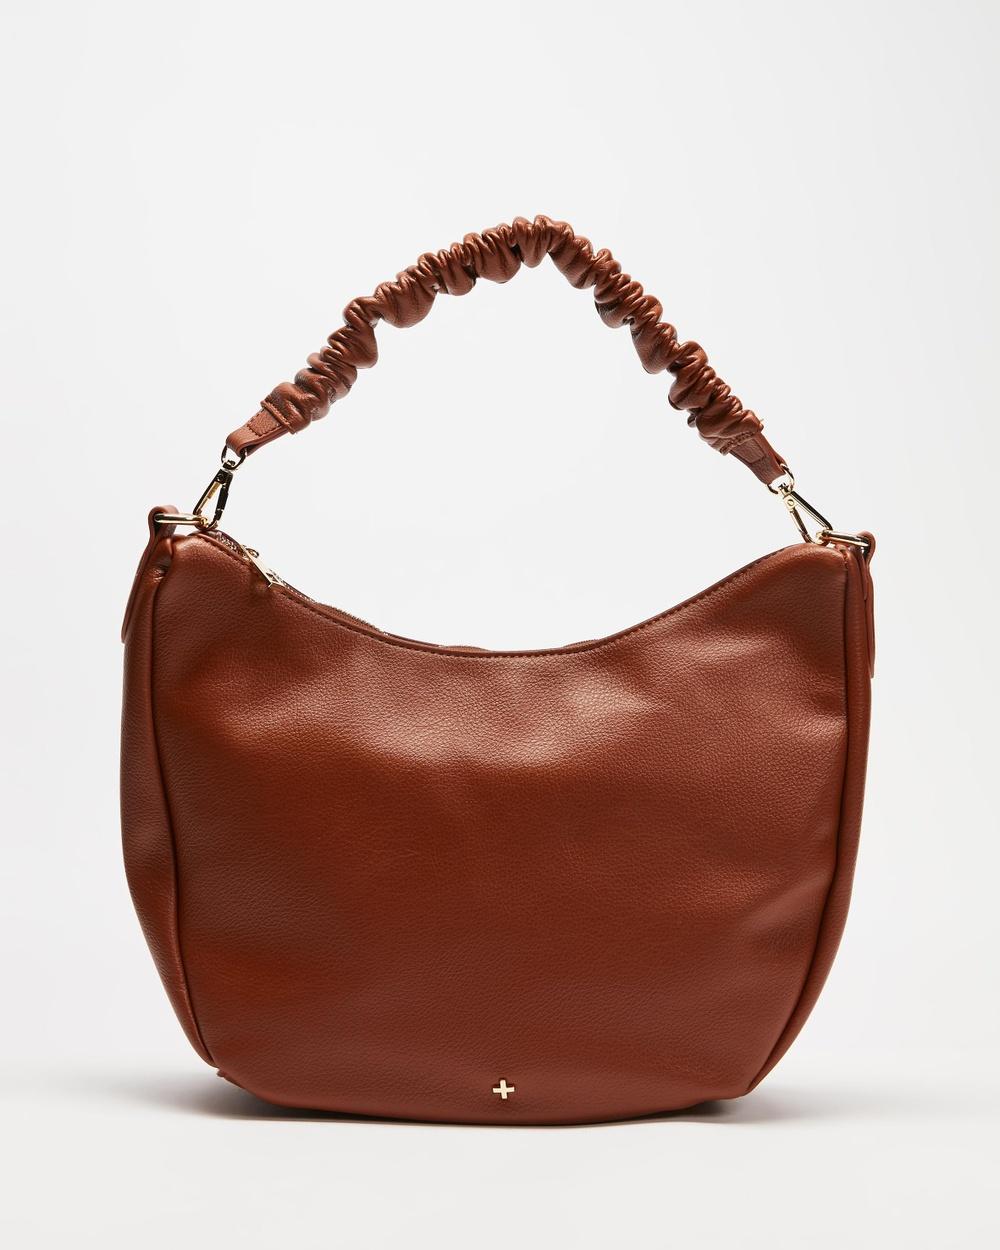 PETA AND JAIN Olive Handbags Tan Pebble